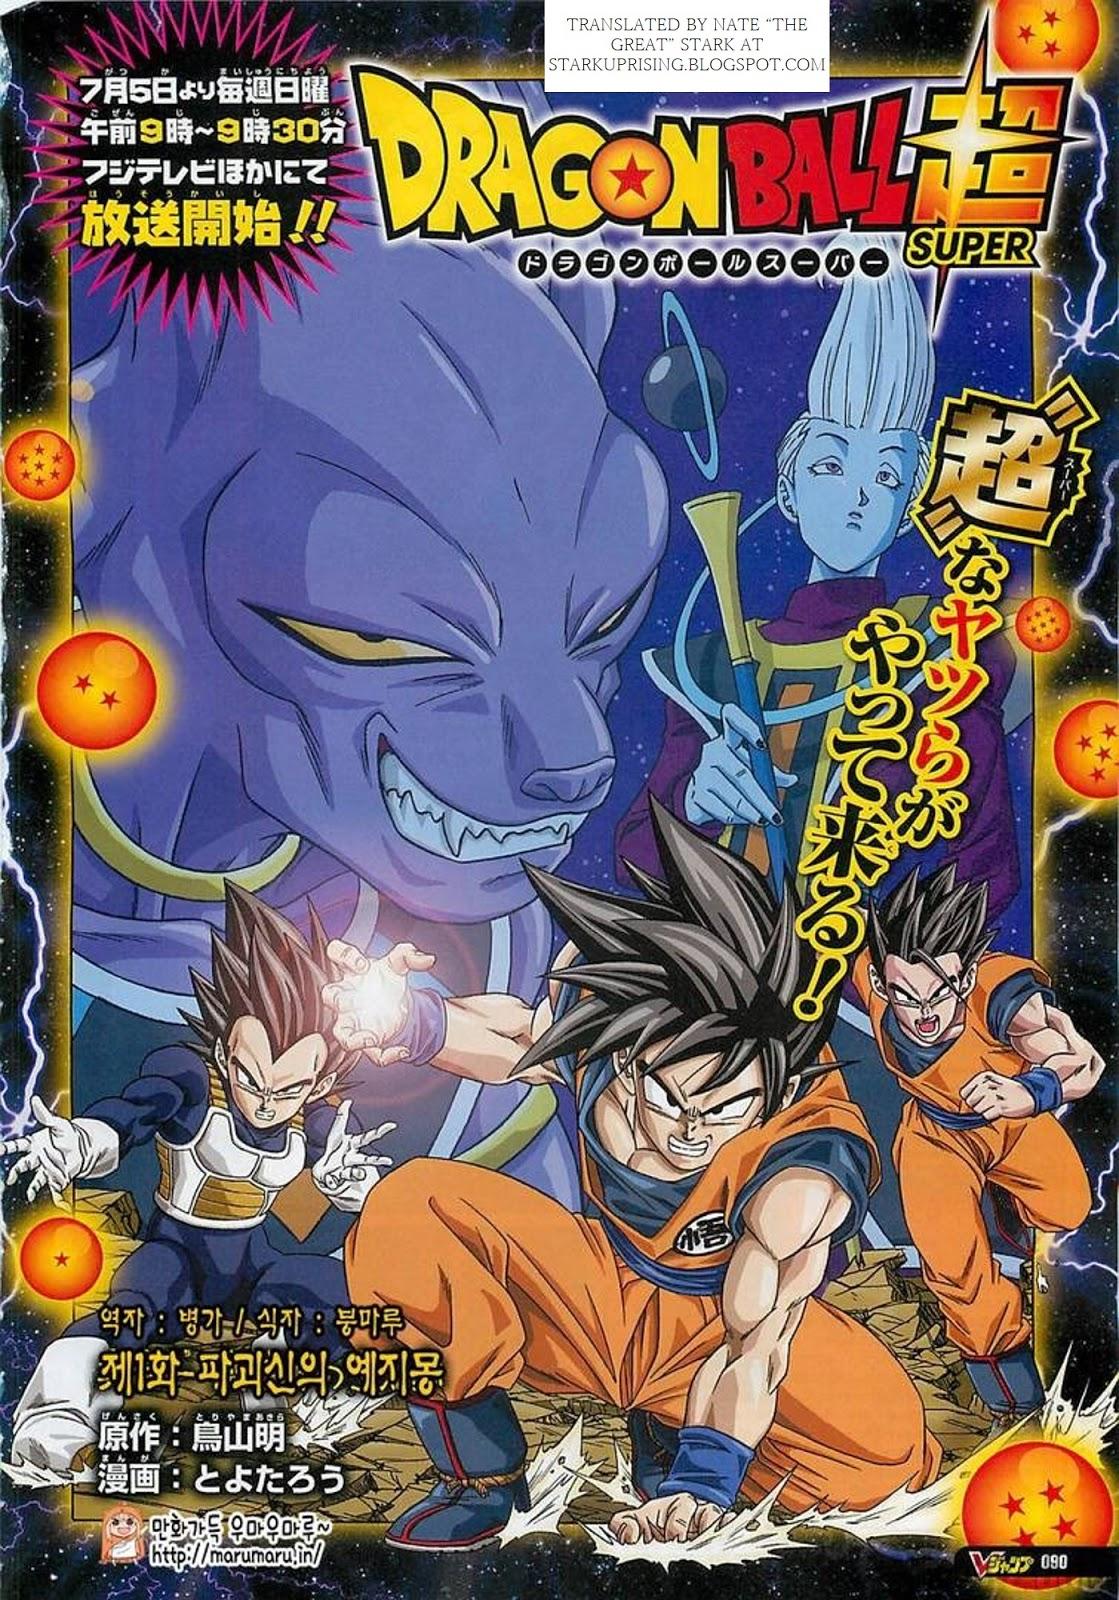 Komik Dragon Ball Super Pdf